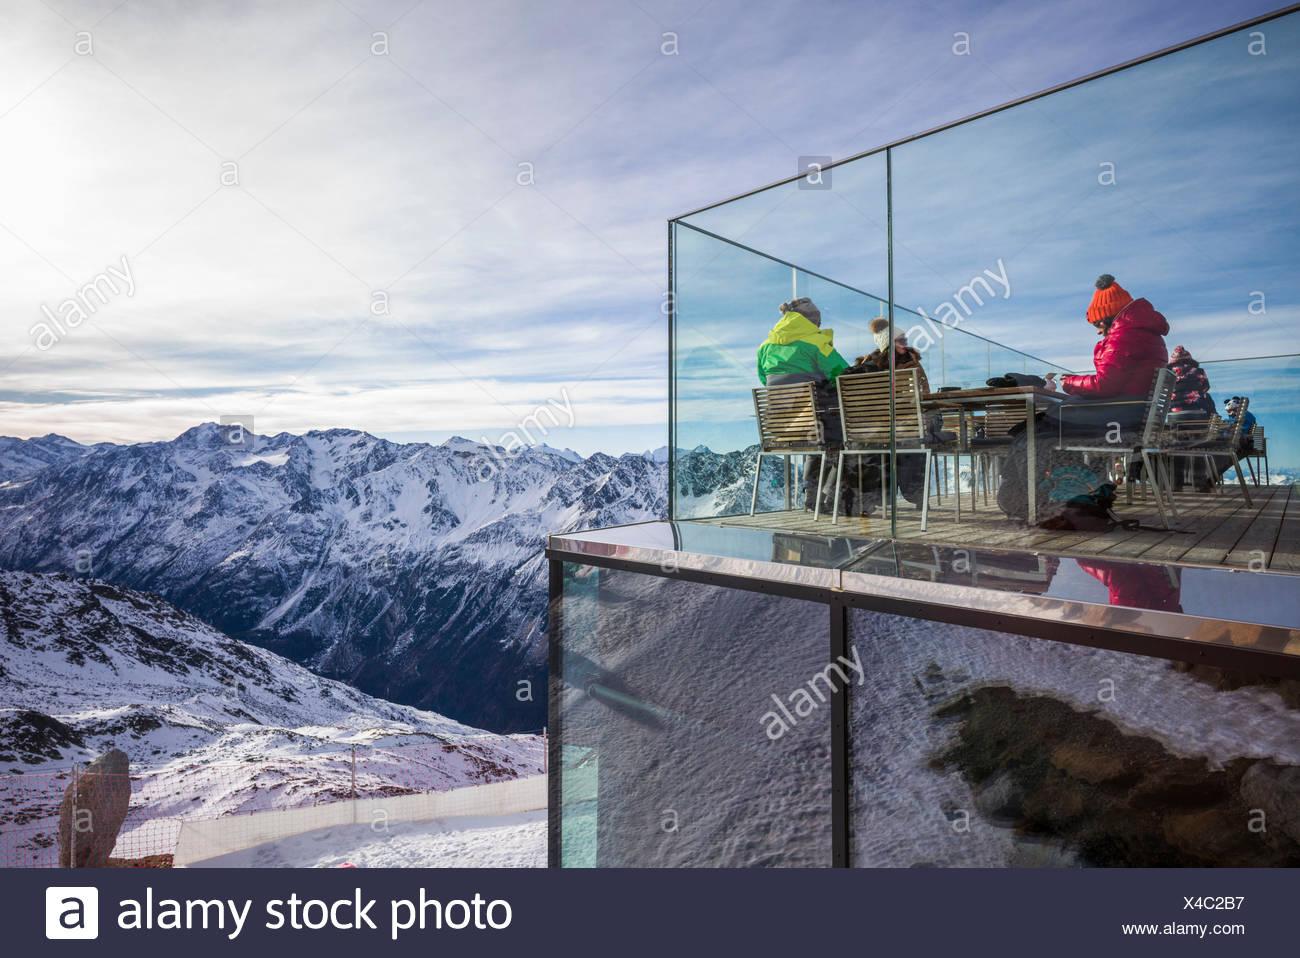 L'Autriche, le Tyrol, l'otztal, gaislachkogl, solden ski mountain, 3058, l'altitude du sommet de gaislachkogl mètres, ice q restaurant gastronomique, repas à l'extérieur, l'hiver Photo Stock